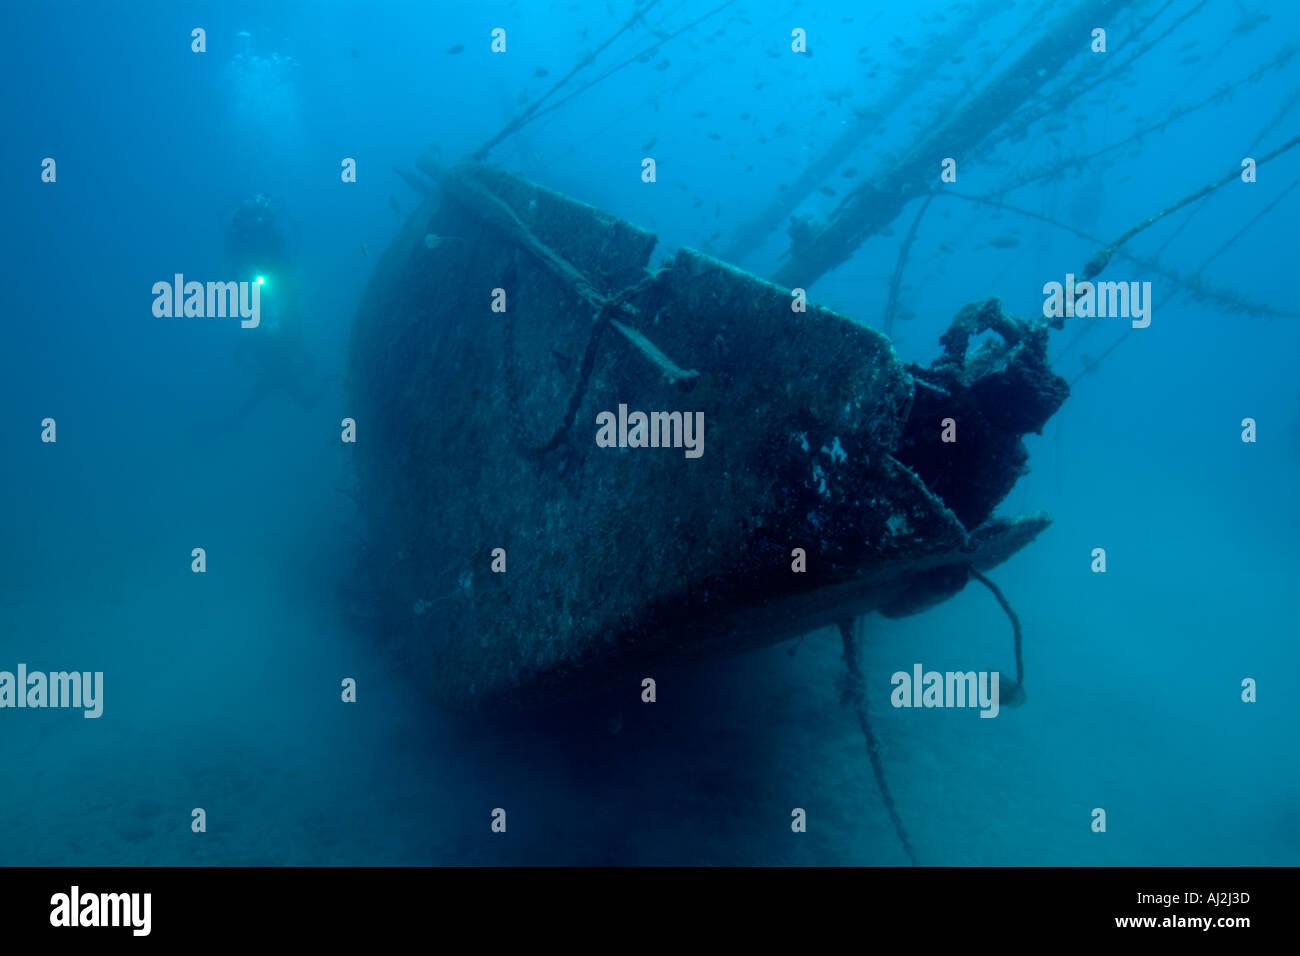 Scuba diver exploring  Le Voilier Shipwreck, La Ciotat, France. - Stock Image